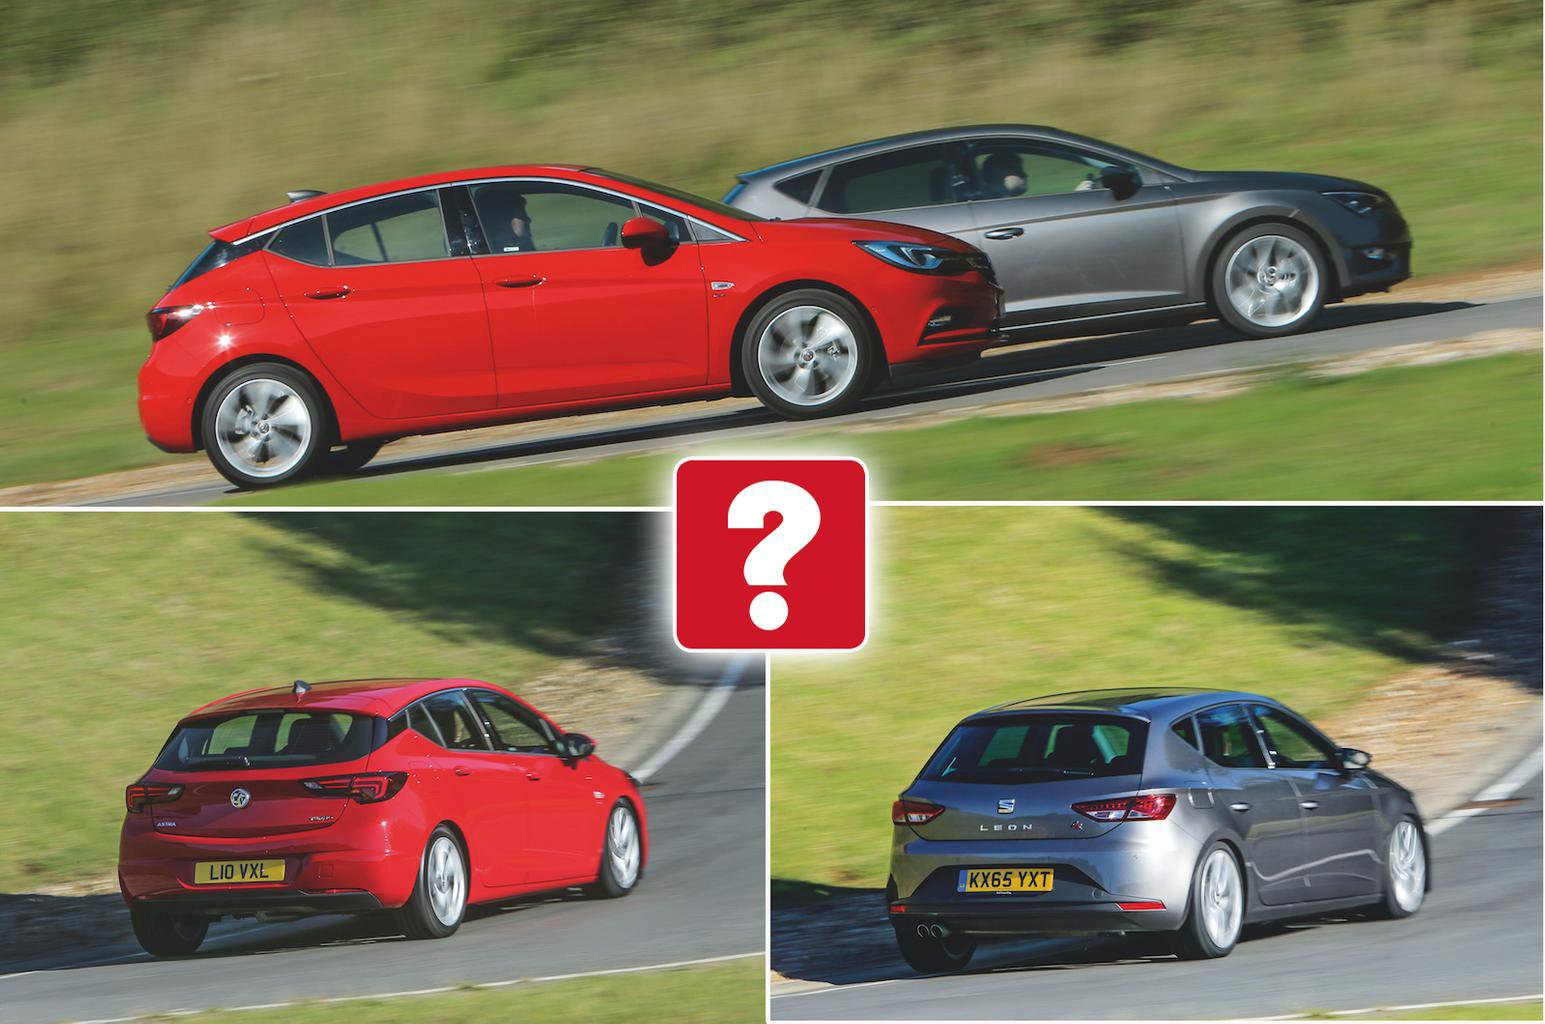 Used Seat Leon vs Vauxhall Astra